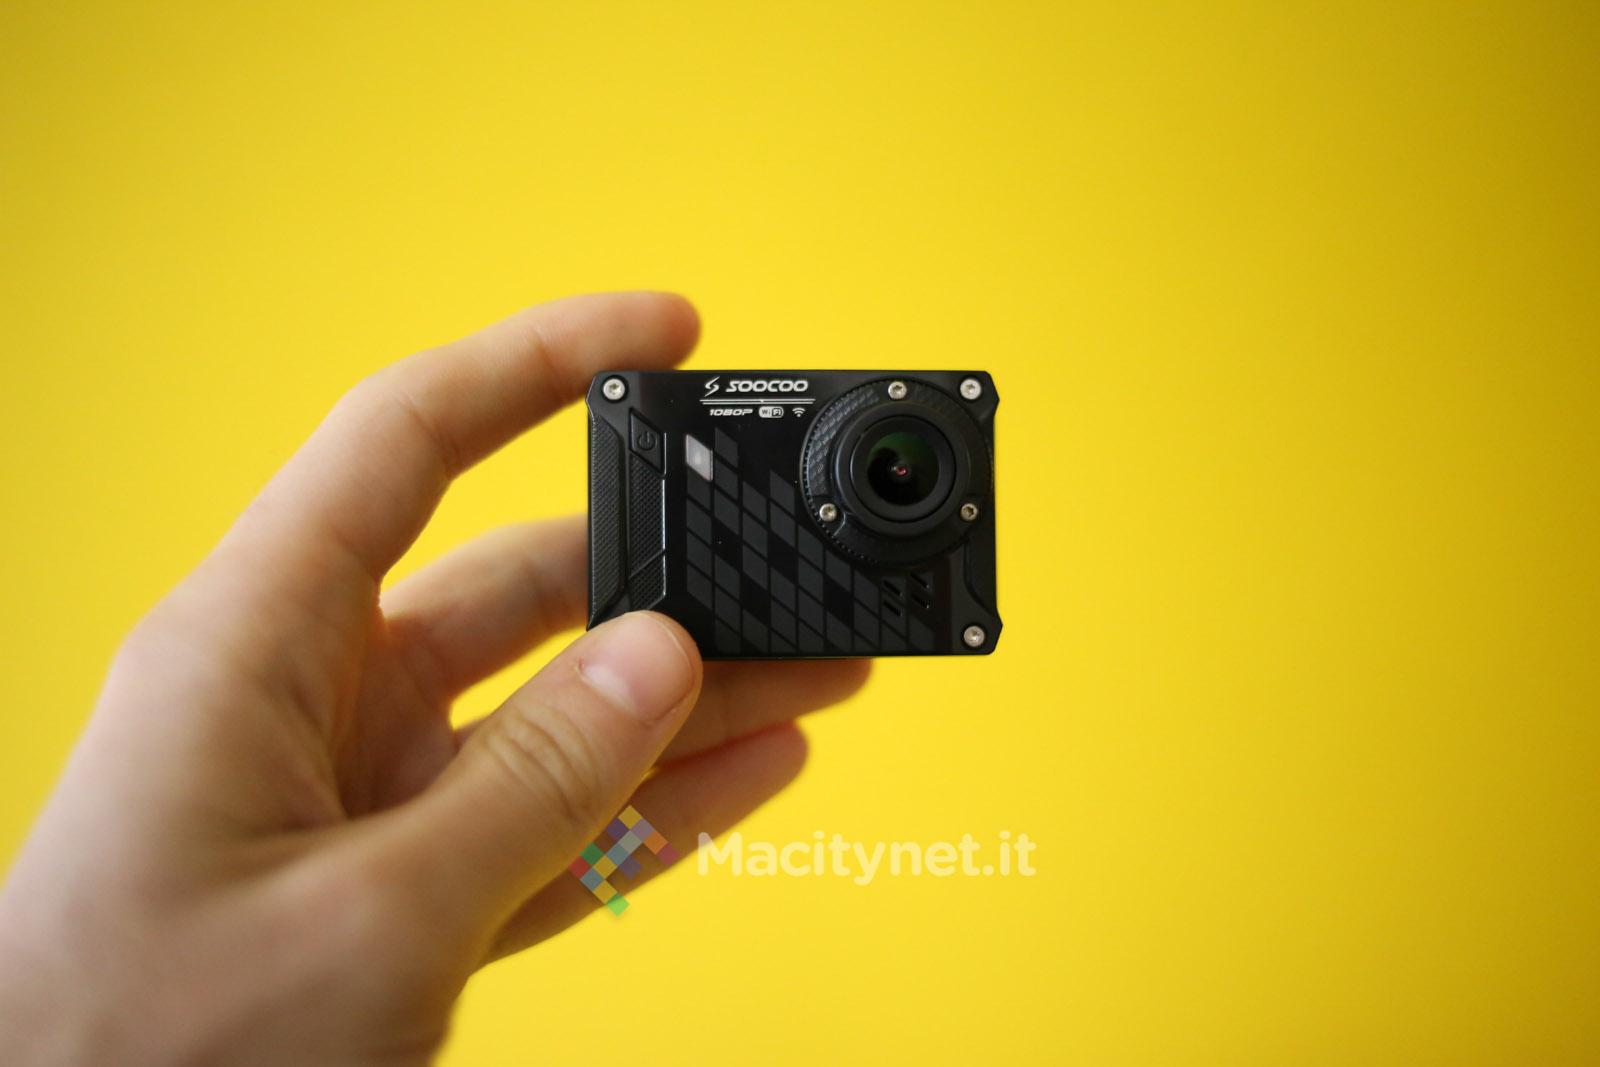 Recensione SOOCOO S33WS, action cam low cost con Wi-Fi che sfida GoPro - Pagina 3 di 3